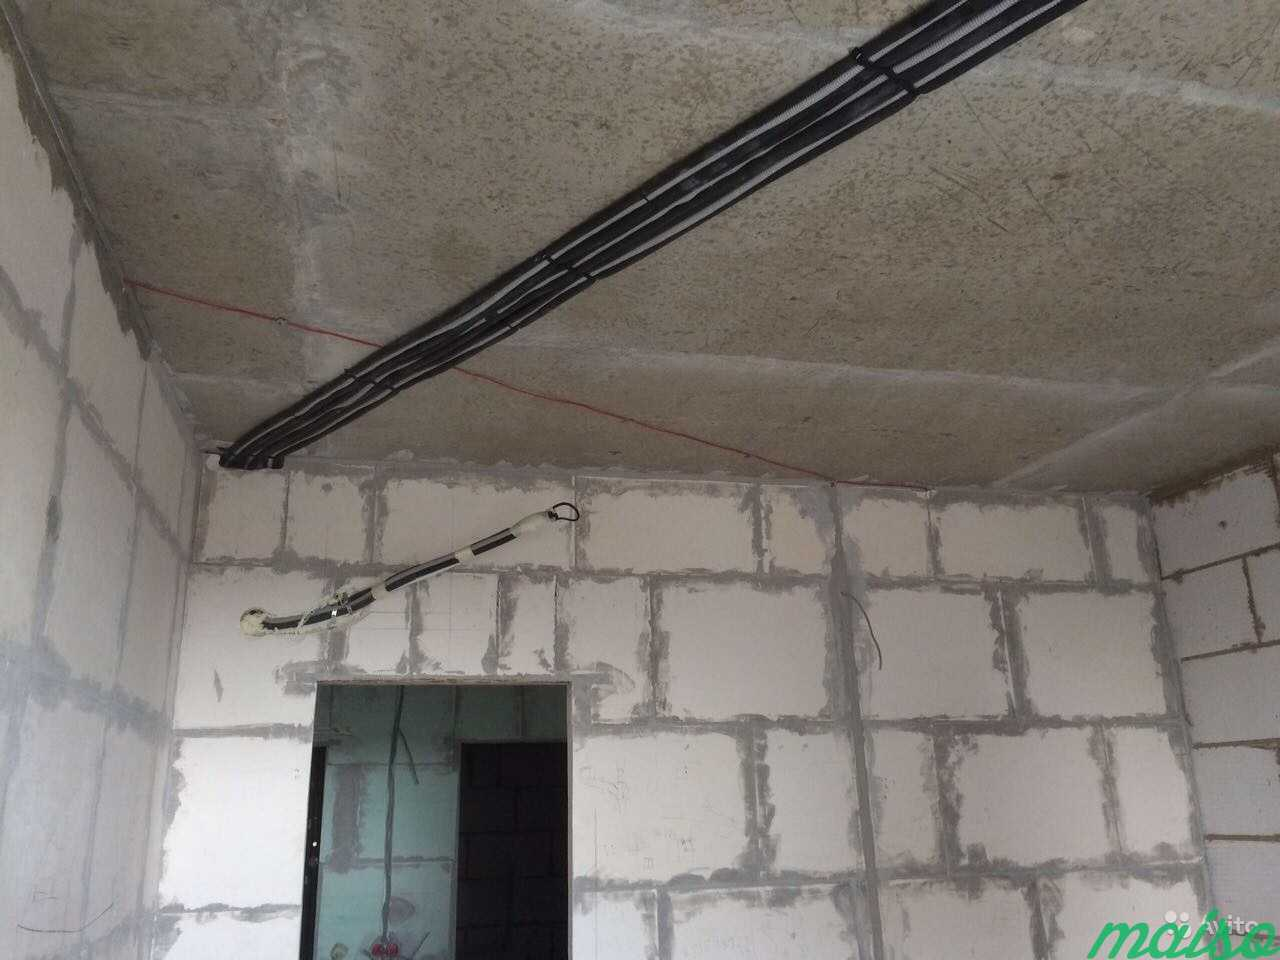 Установка, обслуживание, ремонт кондиционеров в Москве. Фото 3